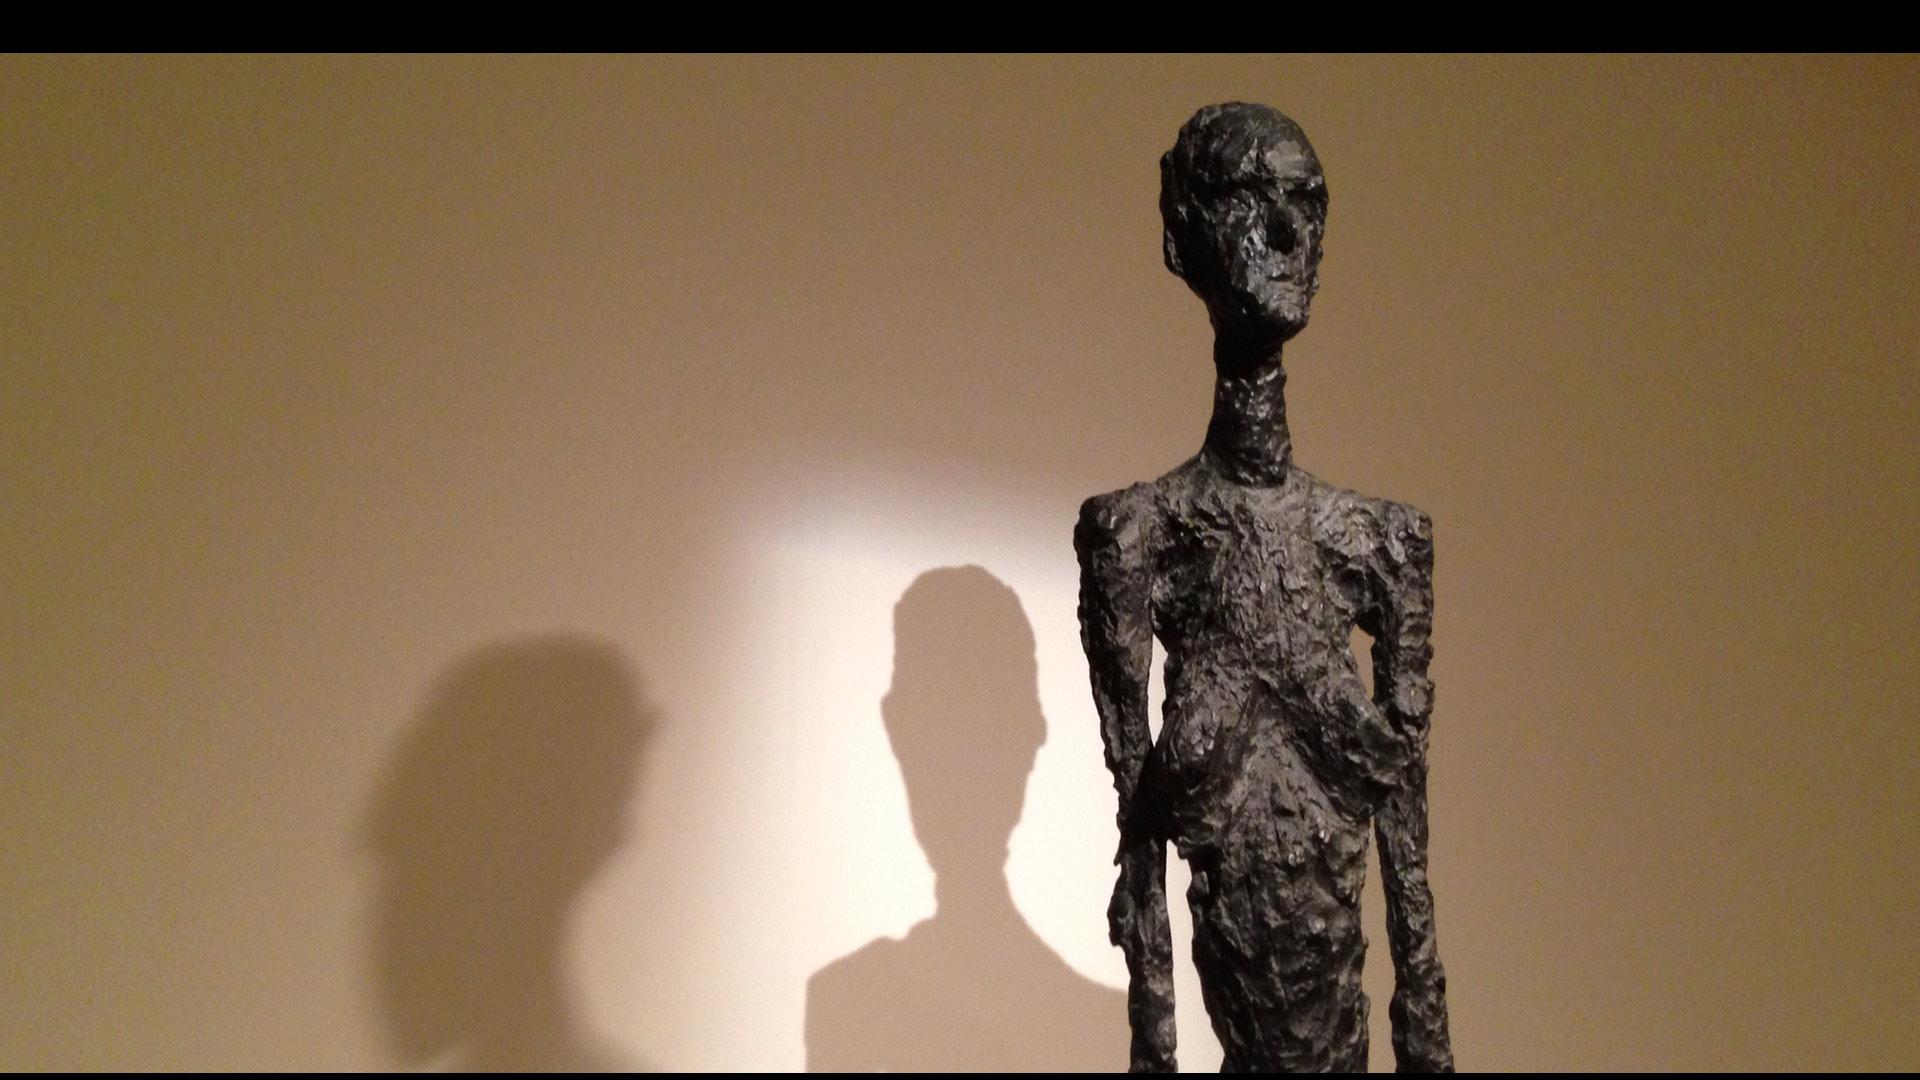 Un hombre de 65 años juzgado en Alemania confesó haber falseado esculturas del artista suizo